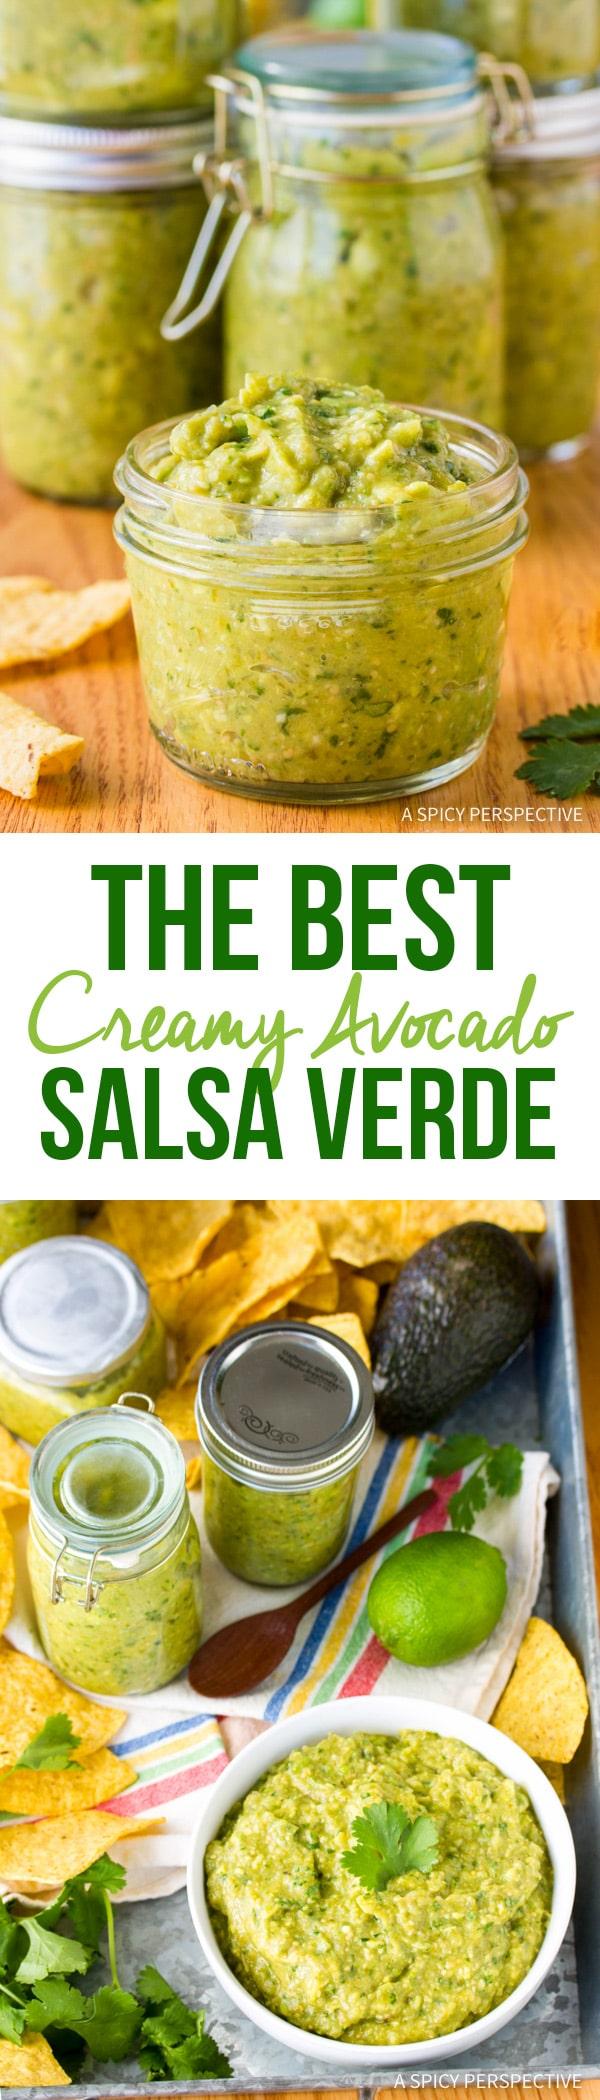 The Best Creamy Avocado Salsa Verde Recipe Ever!